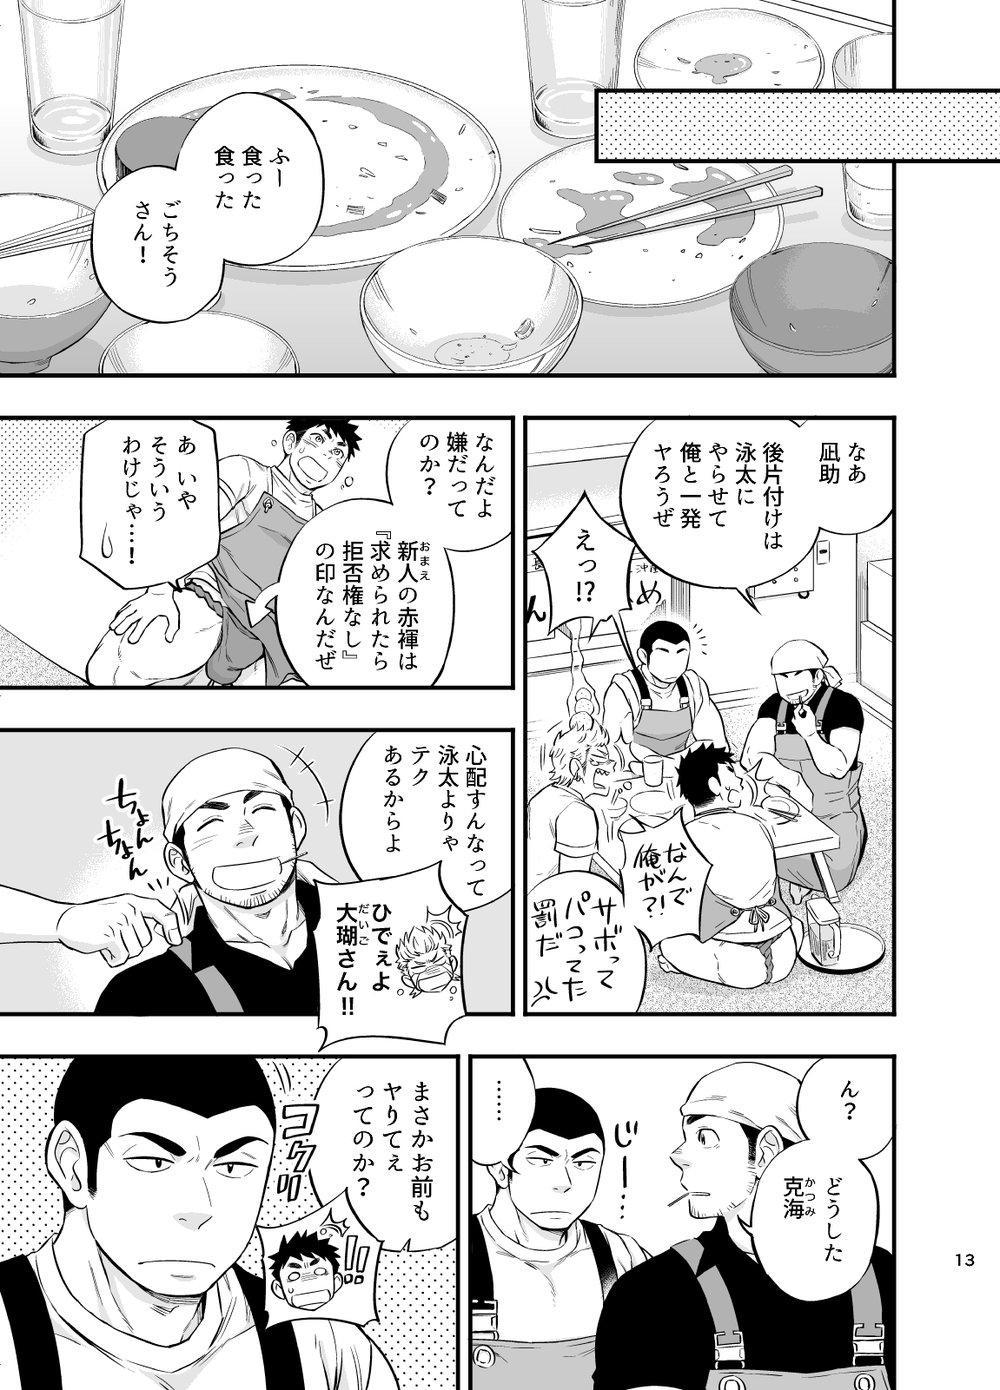 Umi no Otoko 13